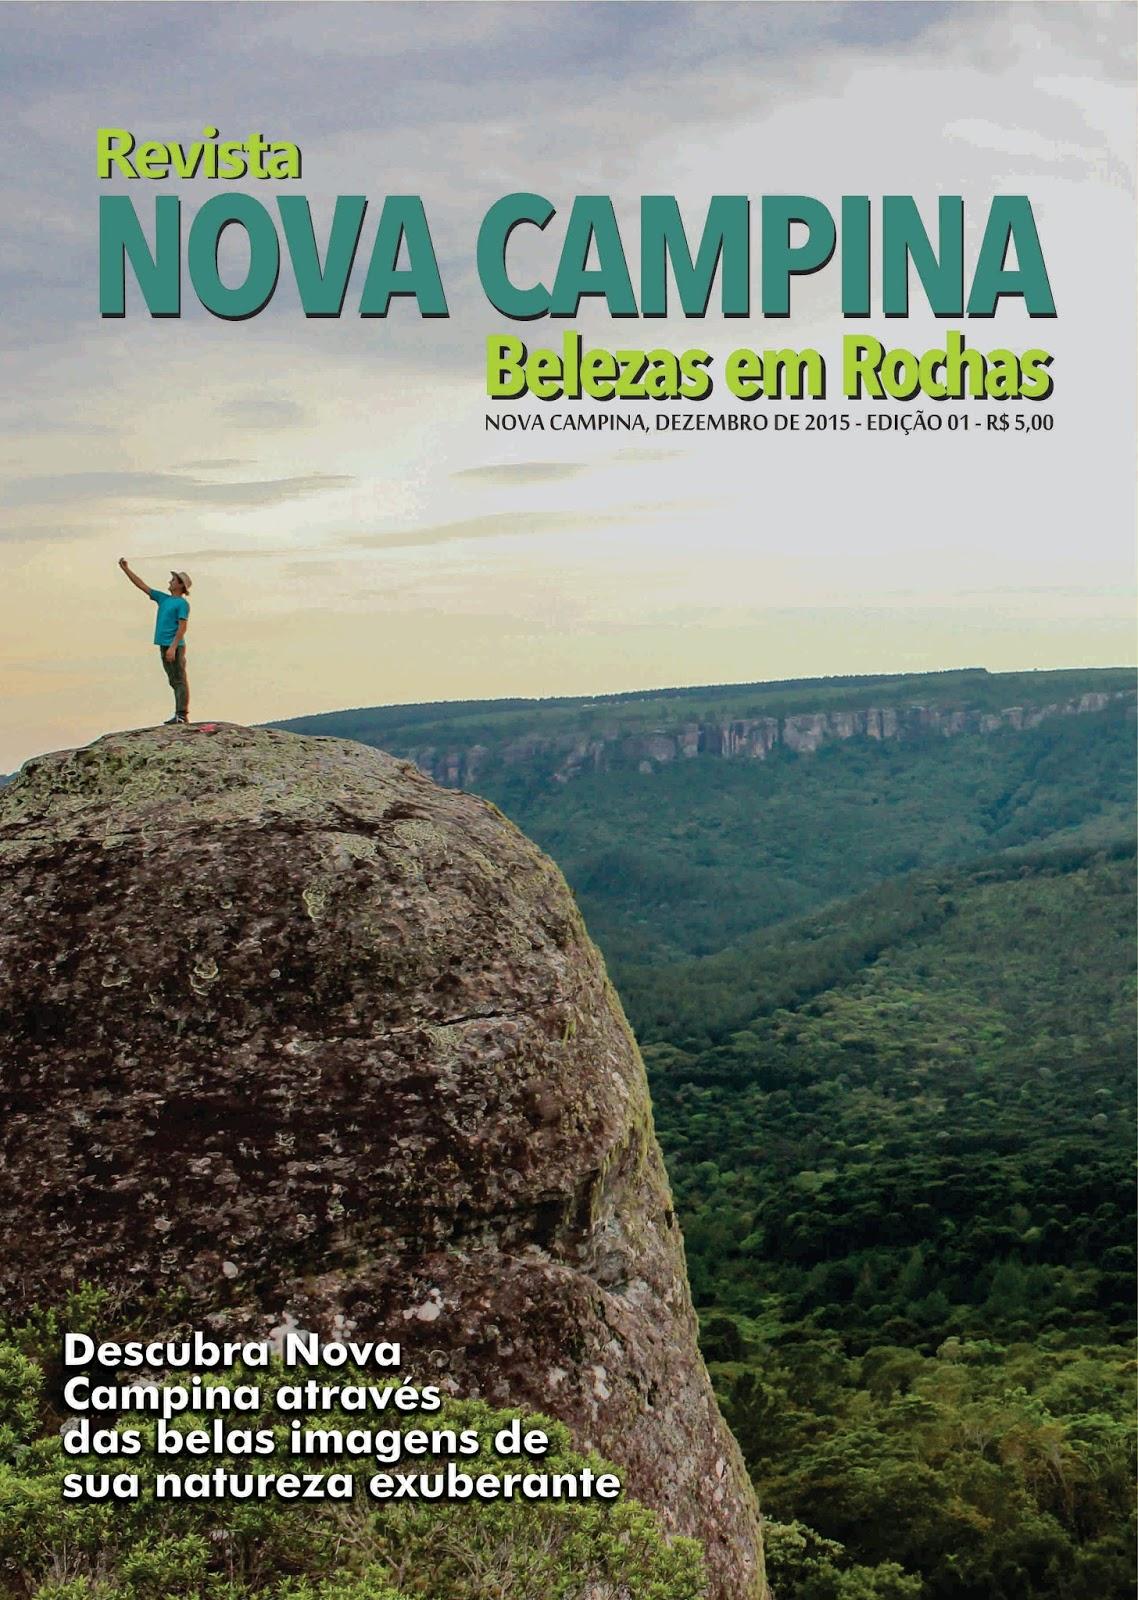 Capa da Revista Nova Campina Belezas em Rochas